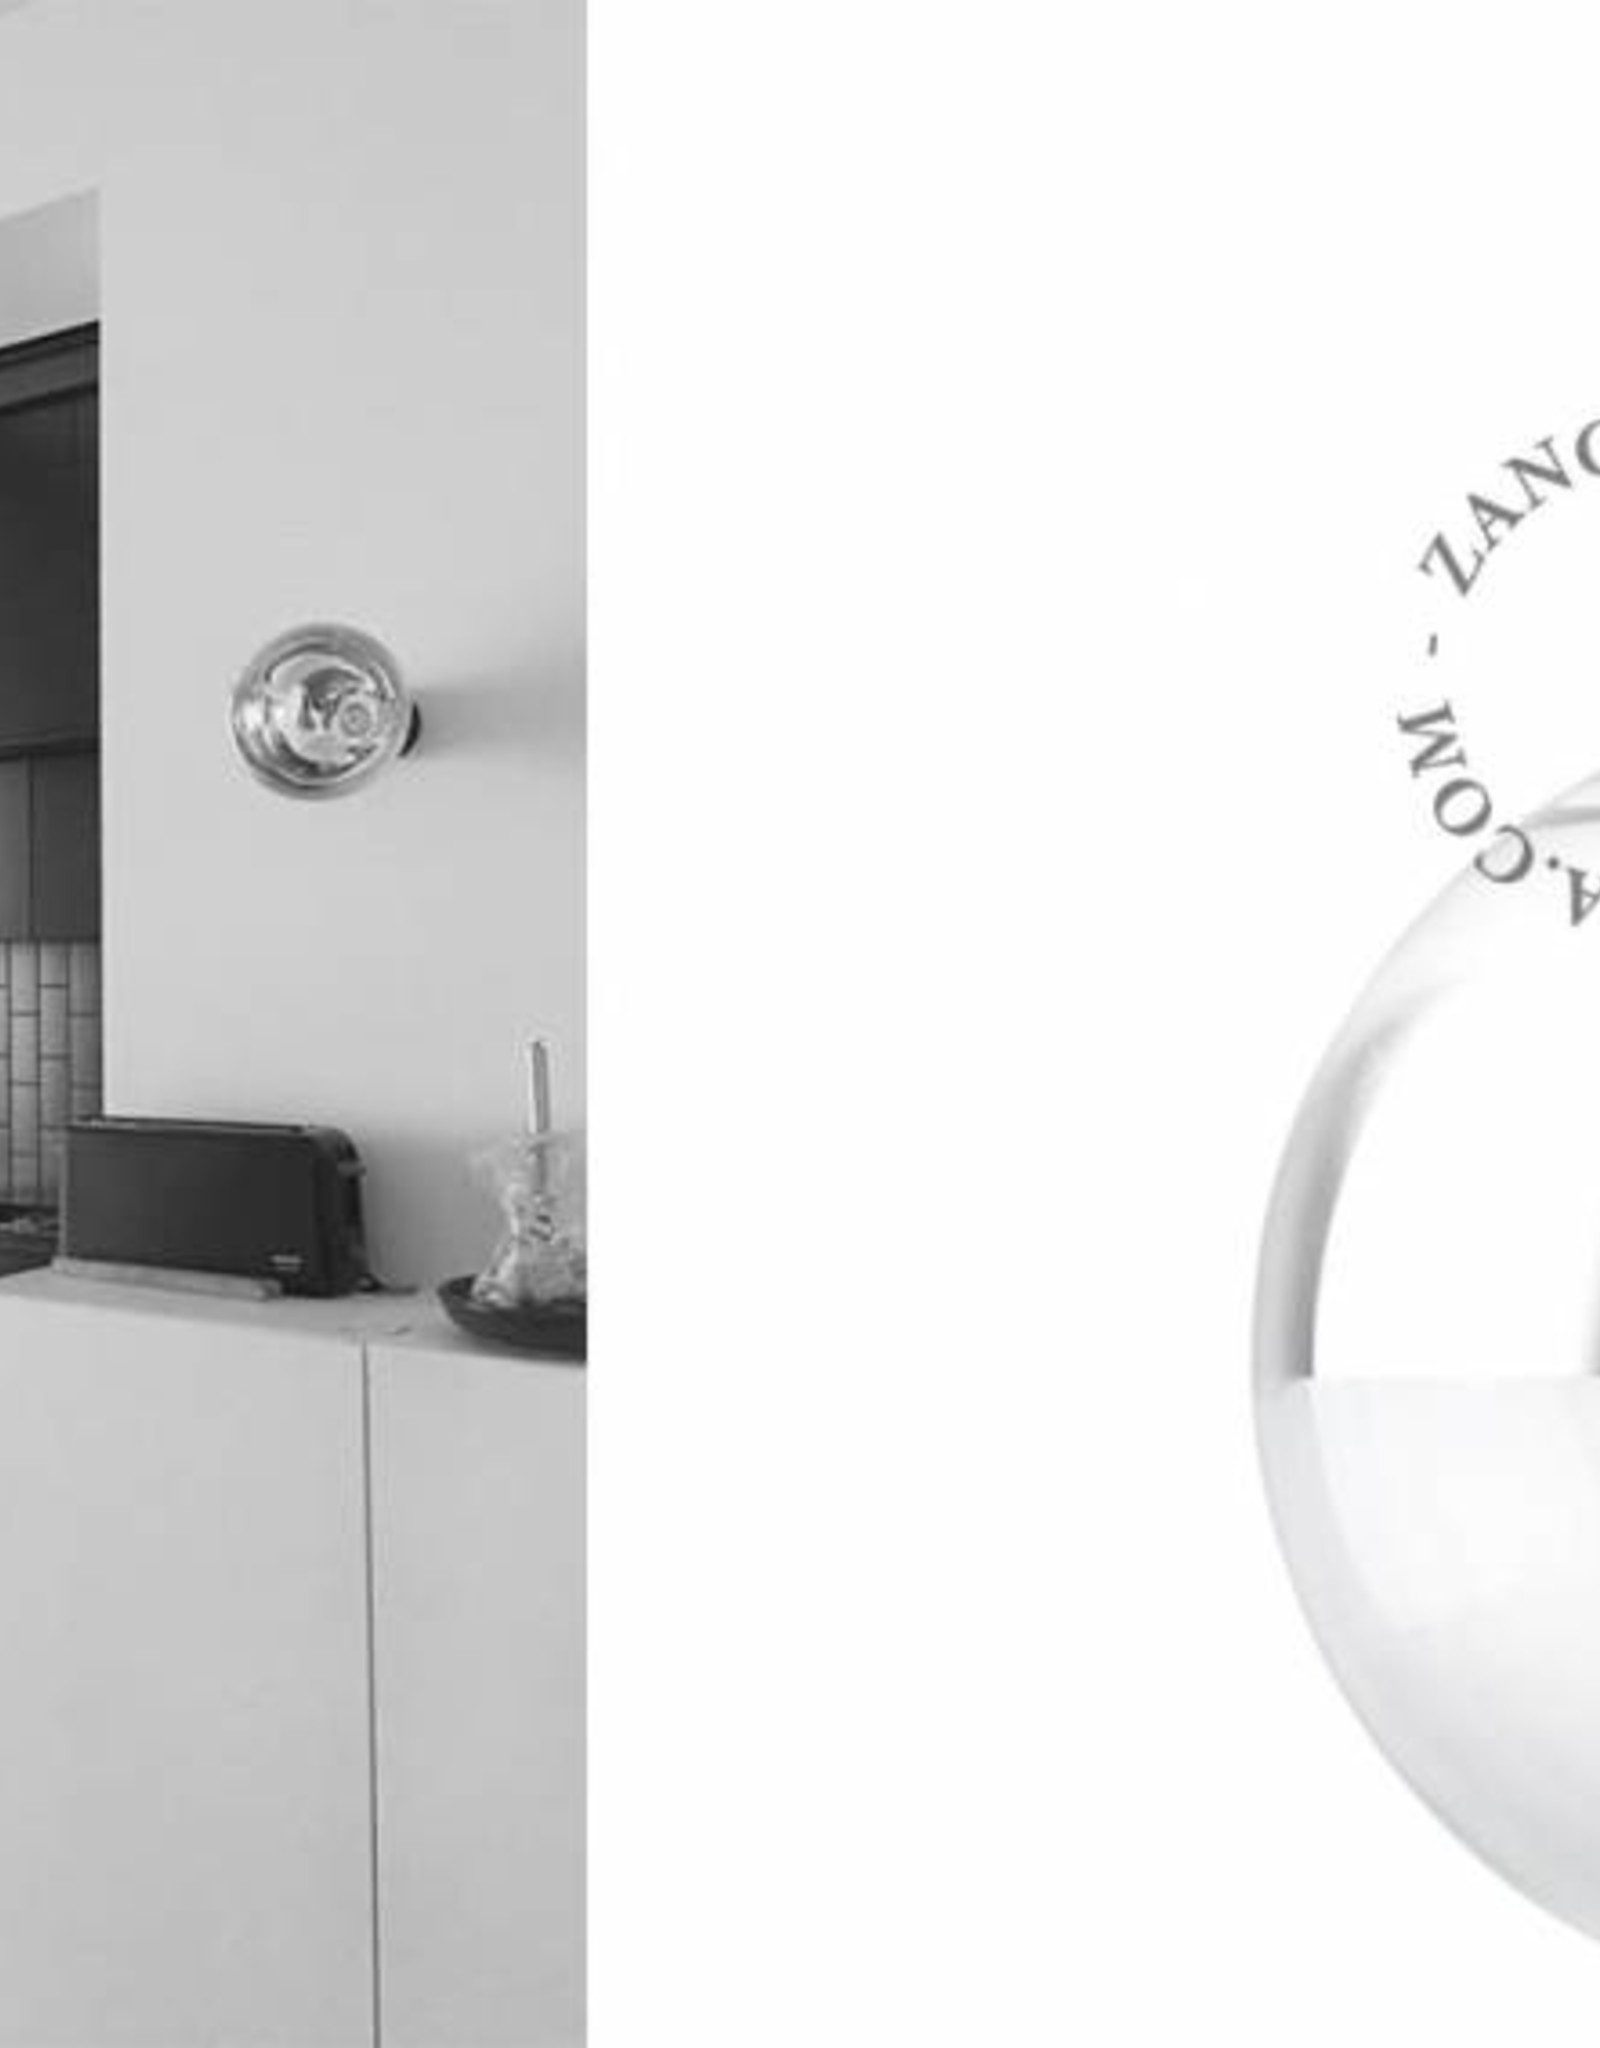 Zangra Ceiling lamp - black porcelain